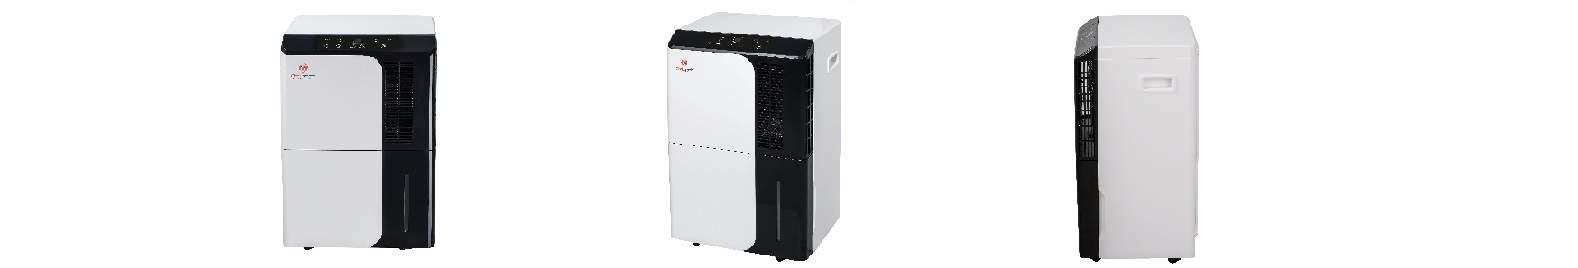 CD-50L Portable dehumidifier supplier in Dubai, UAE